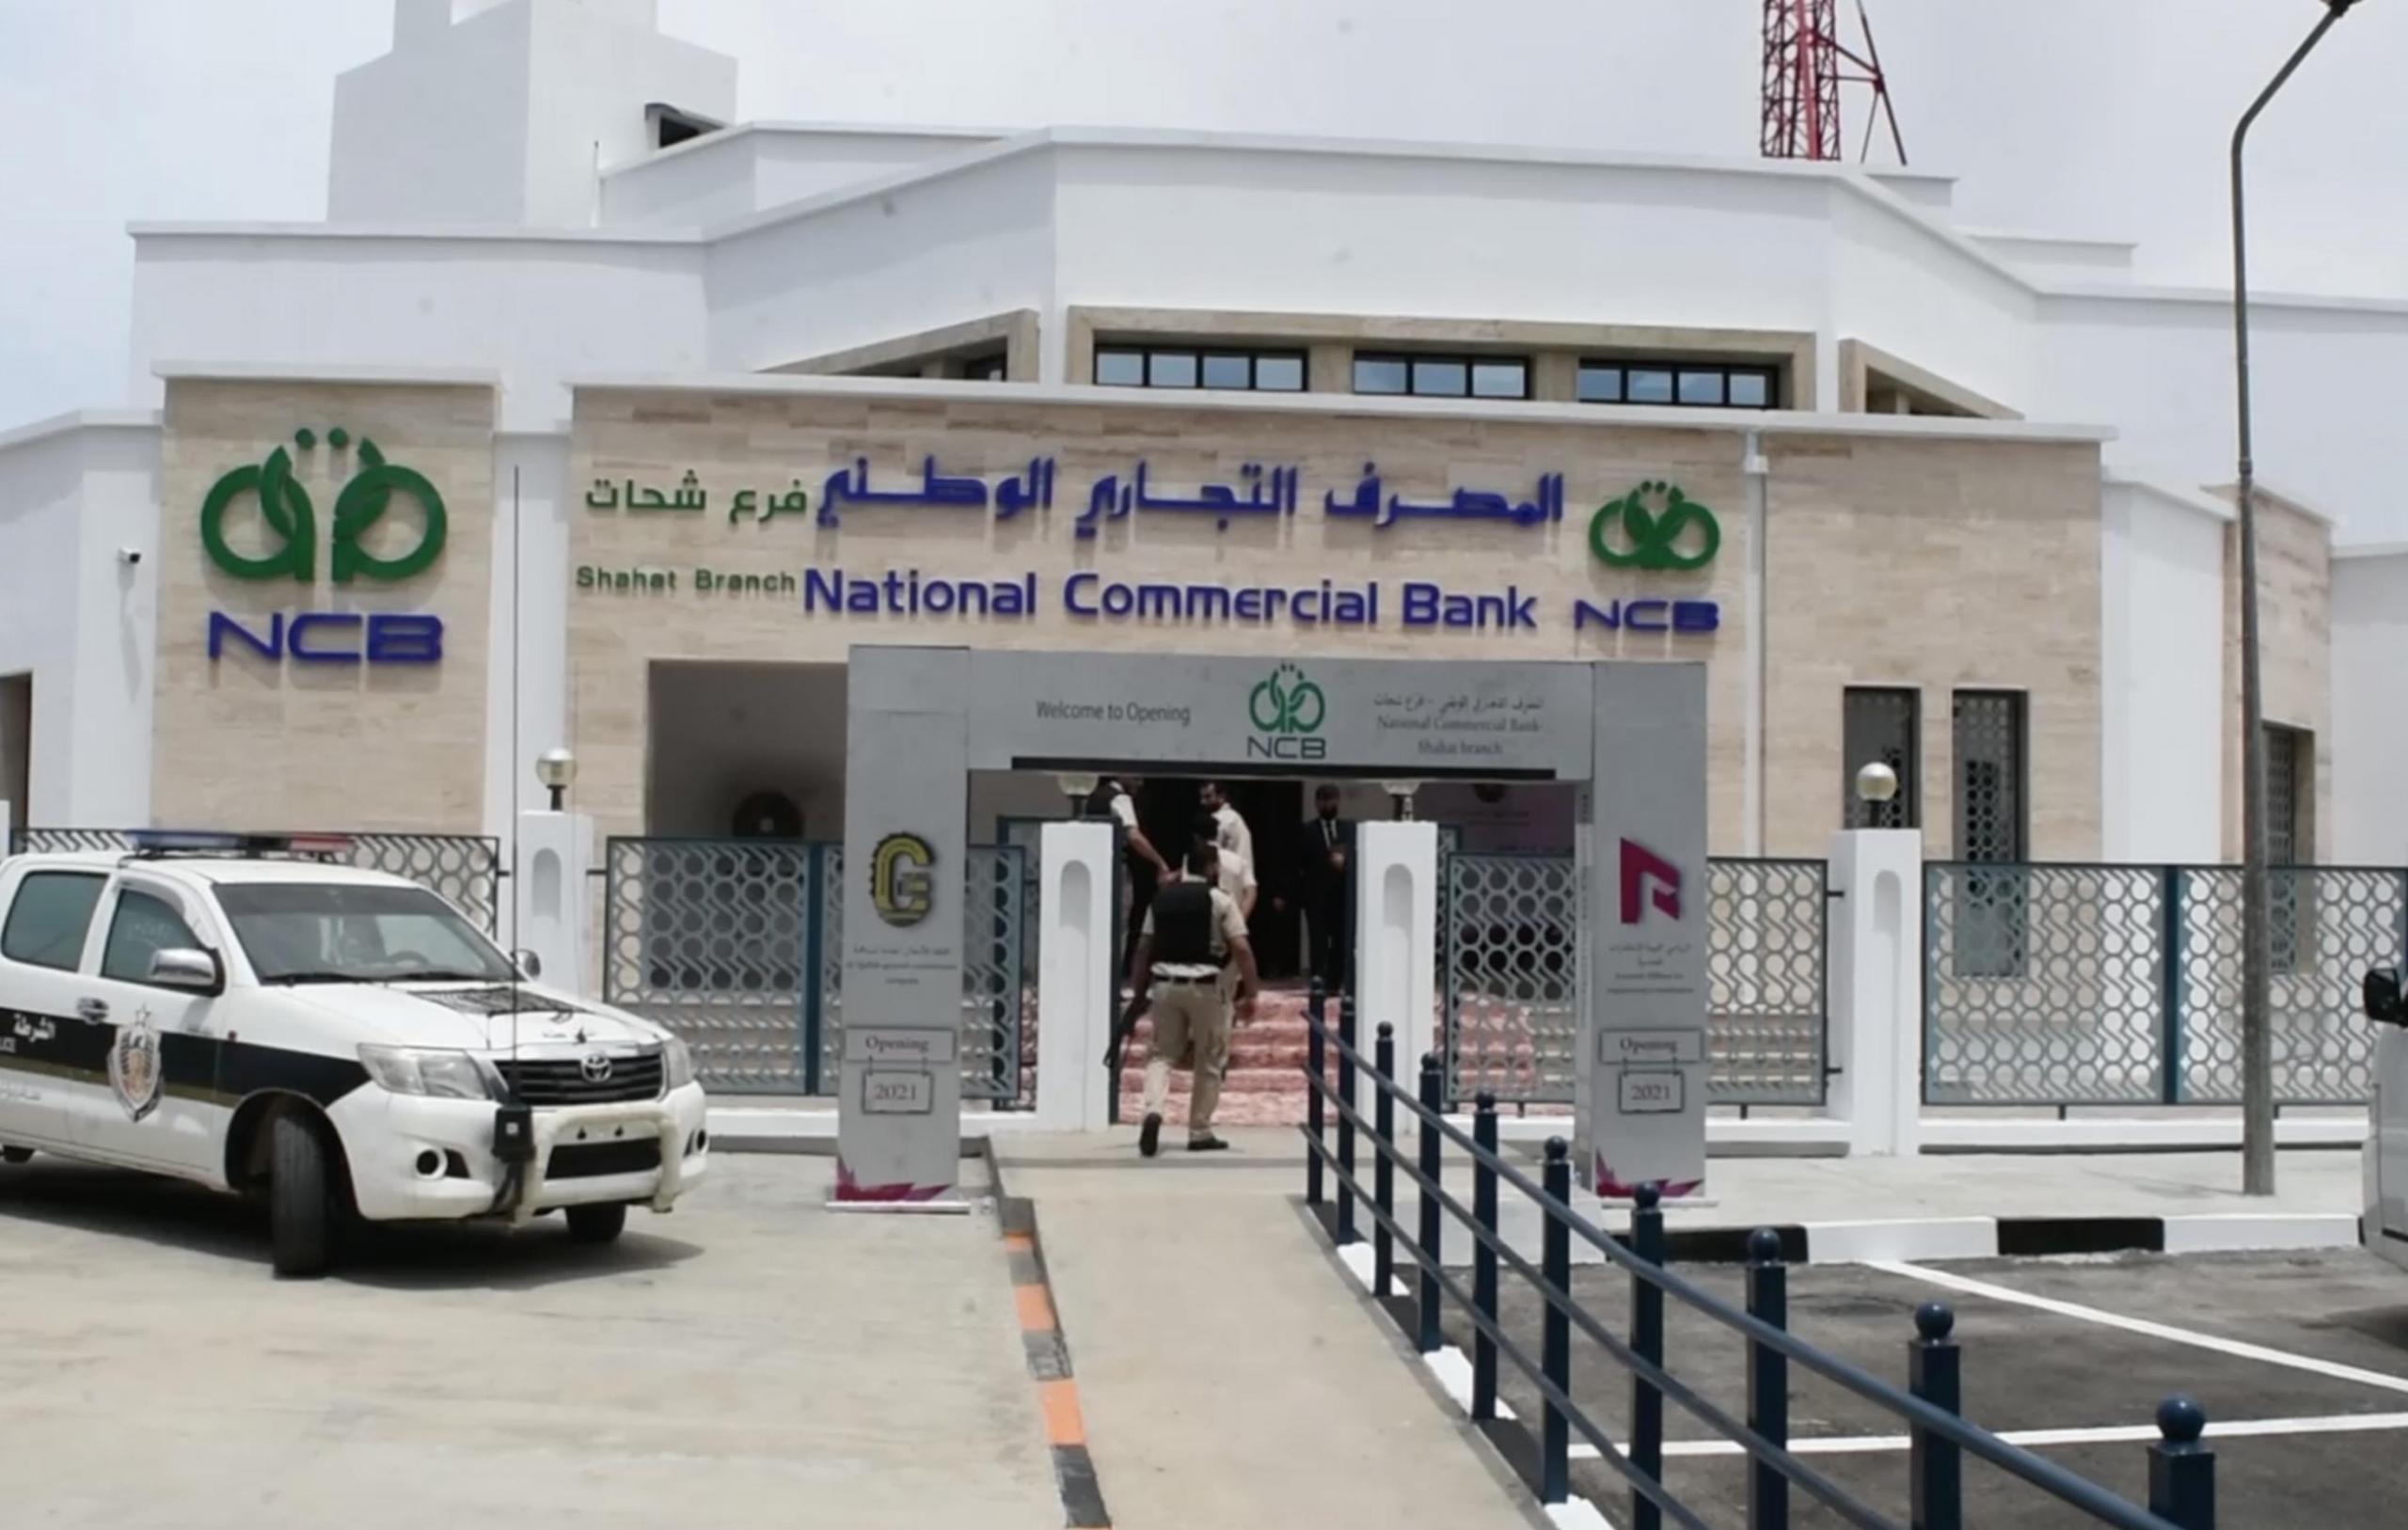 المصرف التجاري الوطني شحات scaled